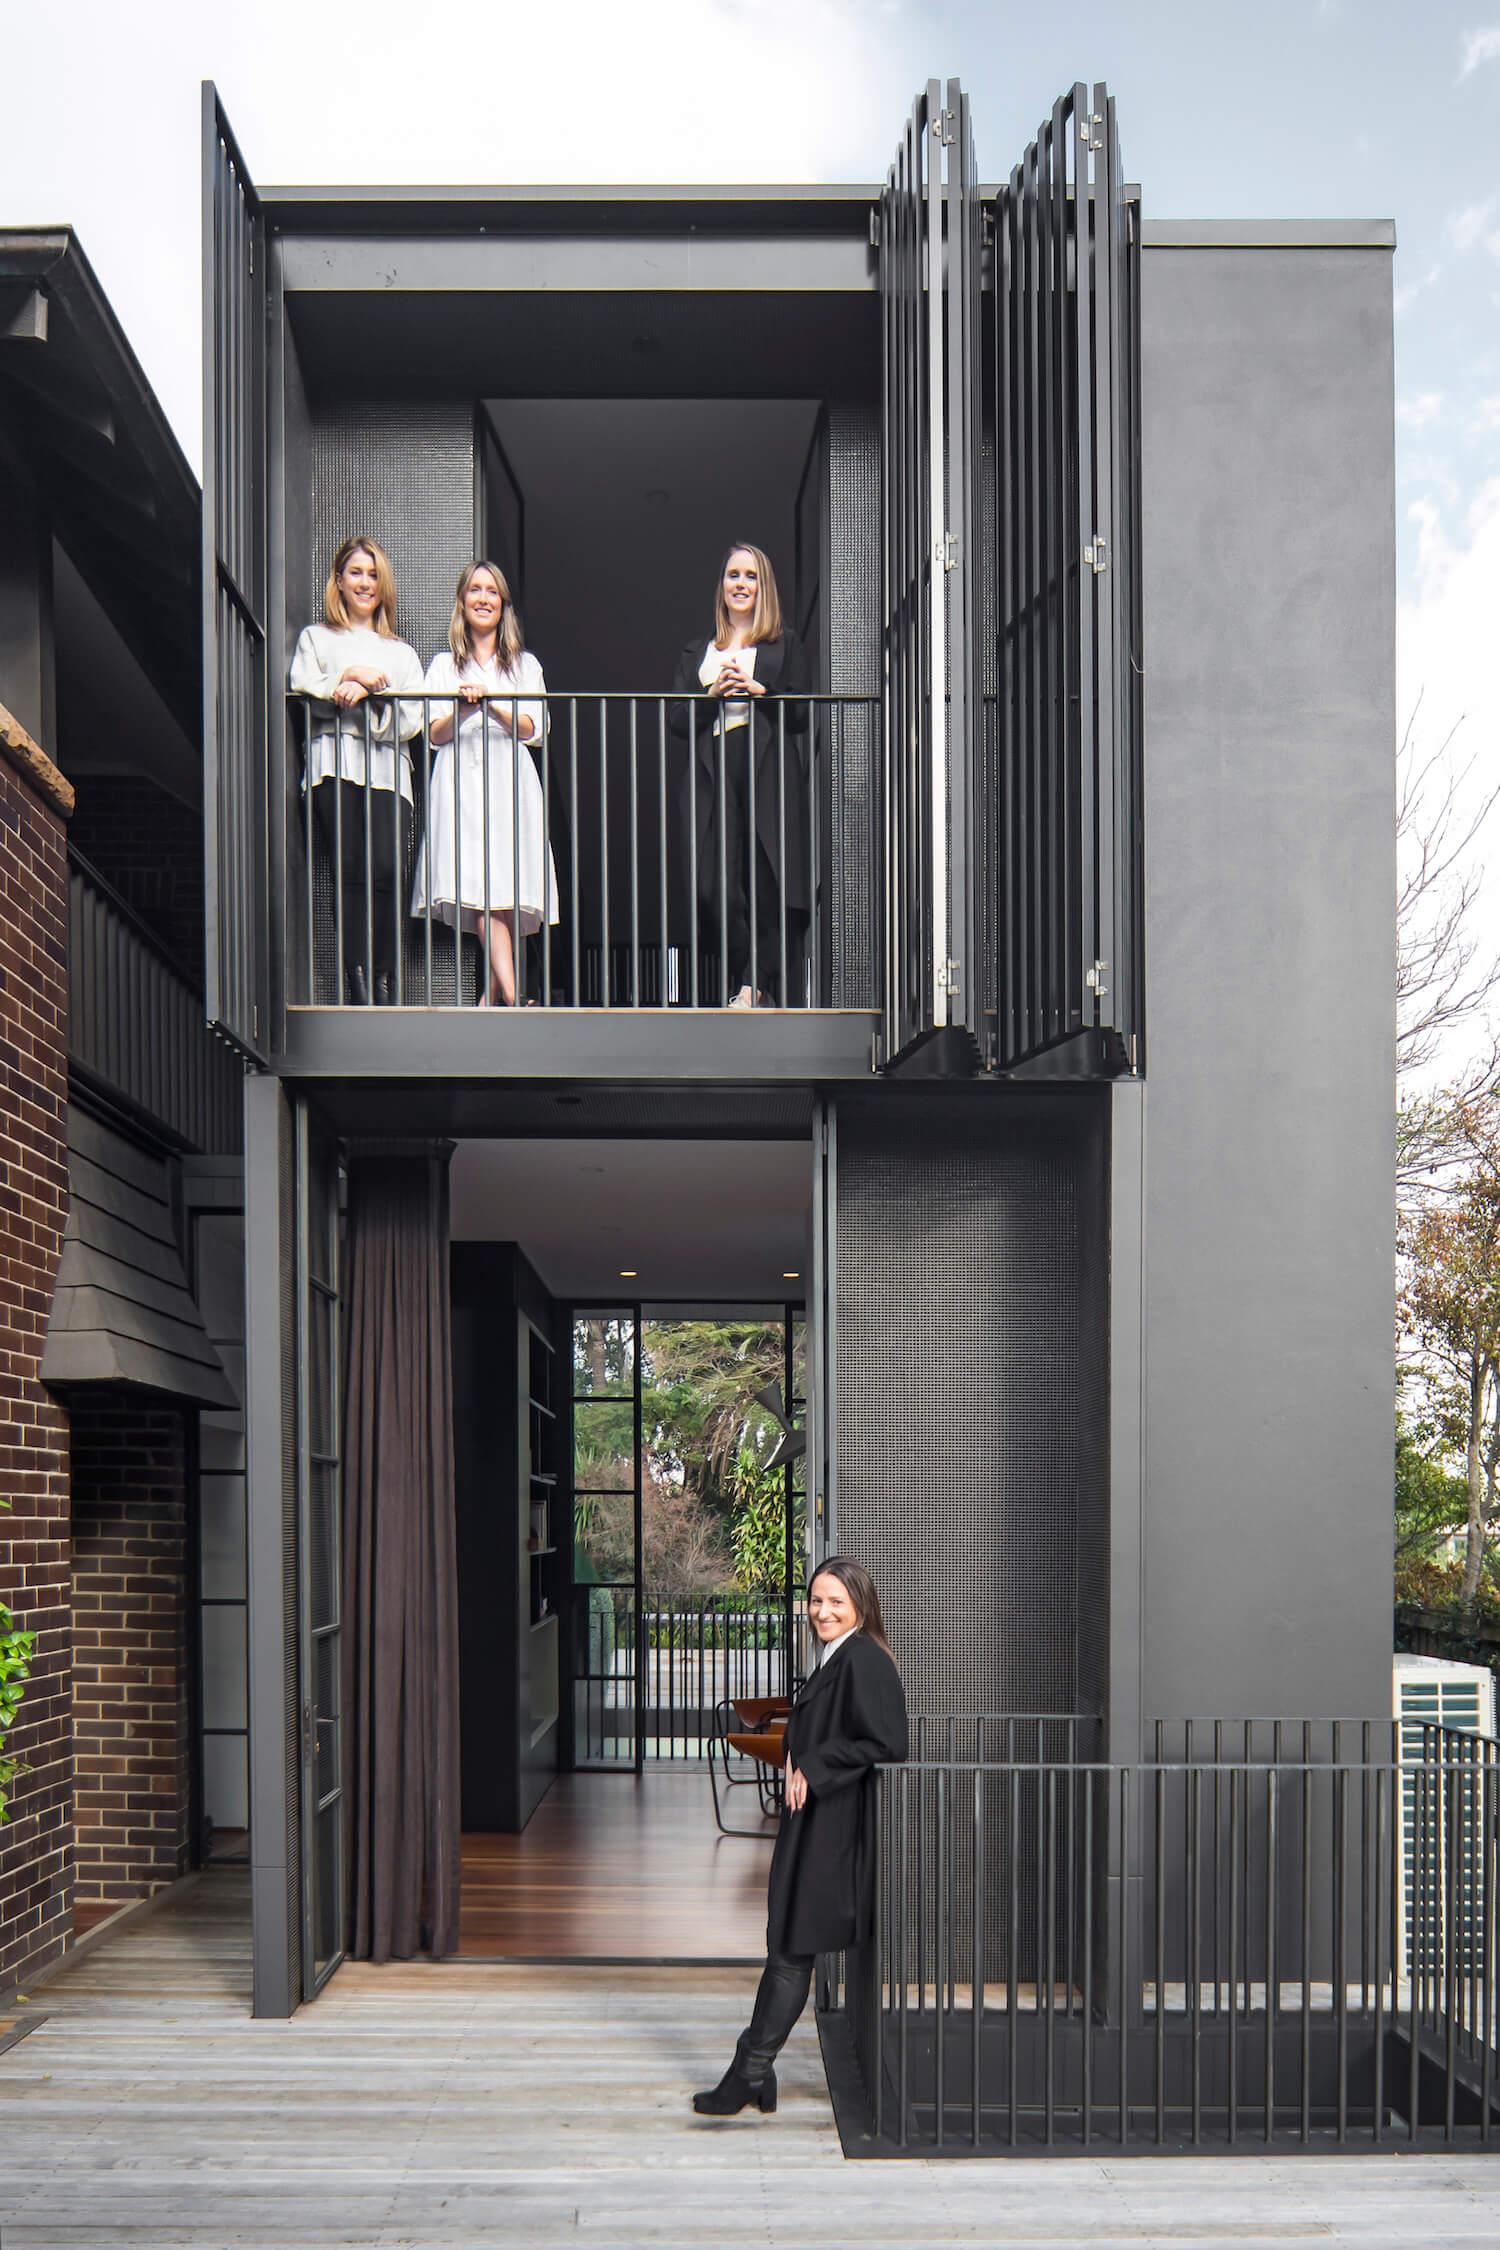 est living architect prineas interview portrait team